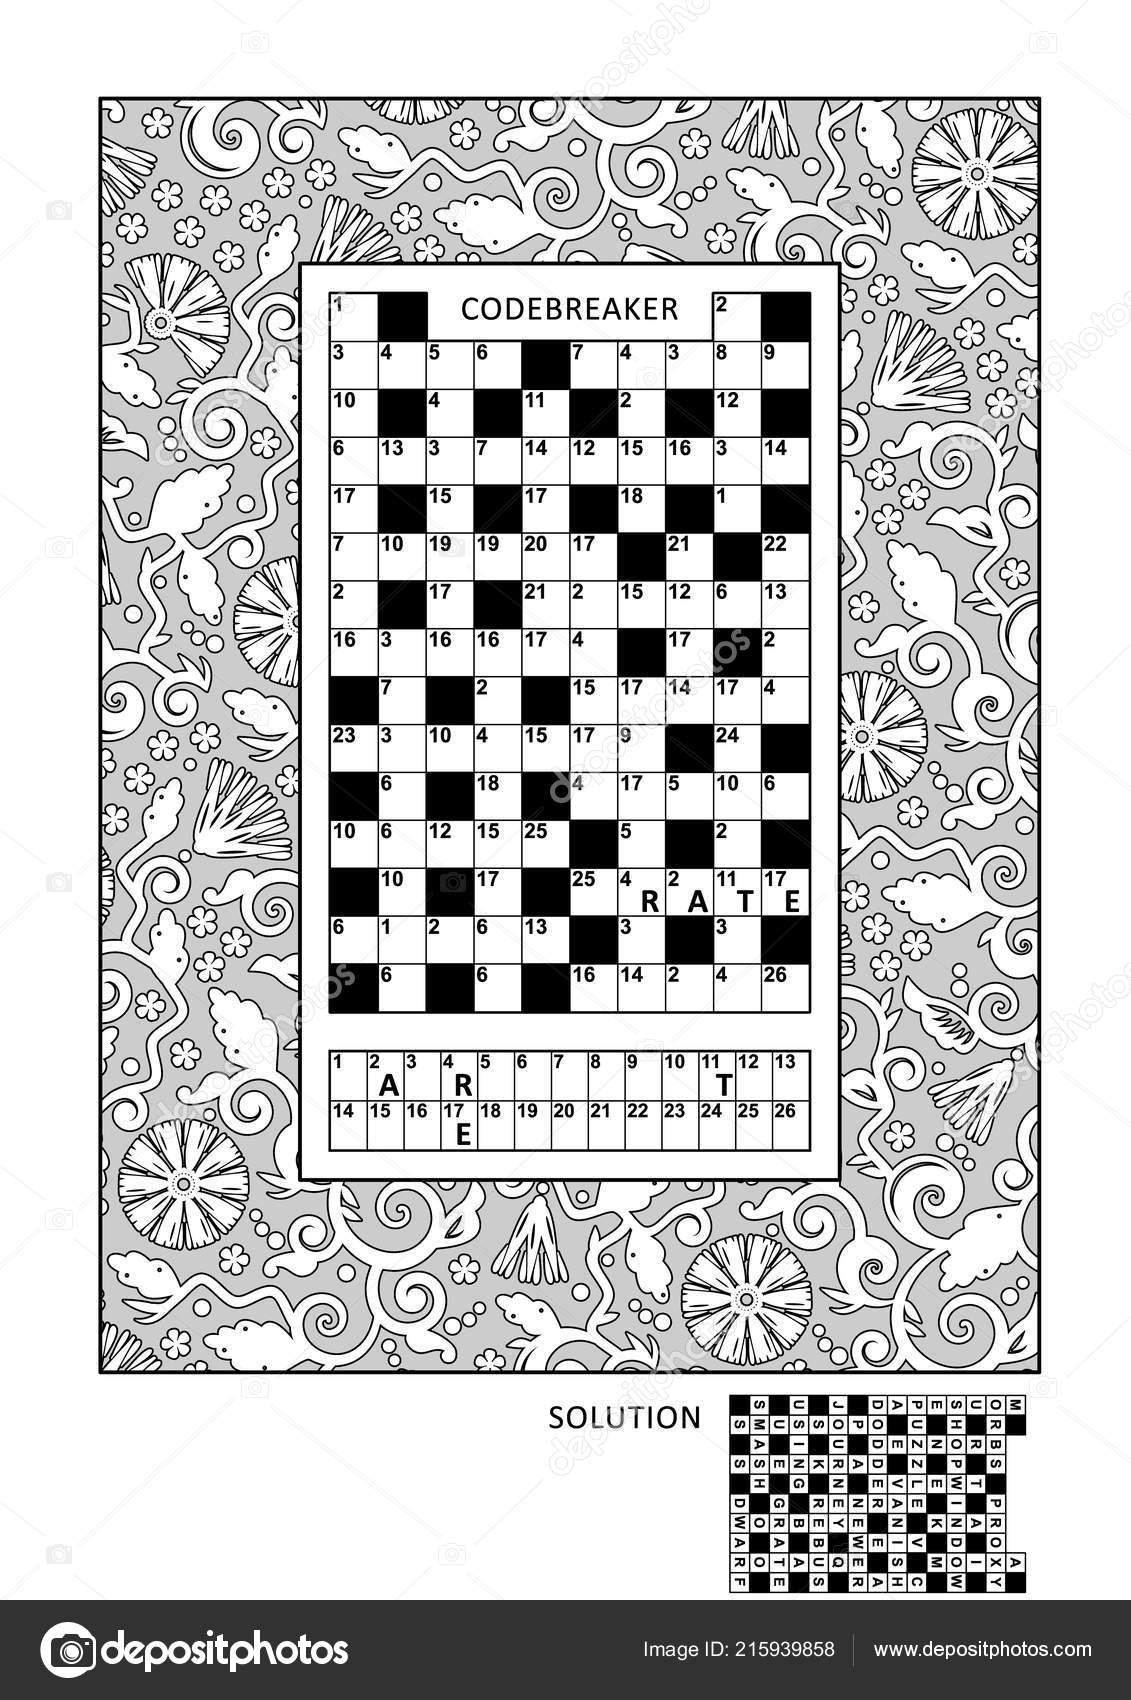 Puzzle Und Coloring Seite Aktivitäten Für Erwachsene Mit Codebreaker ...